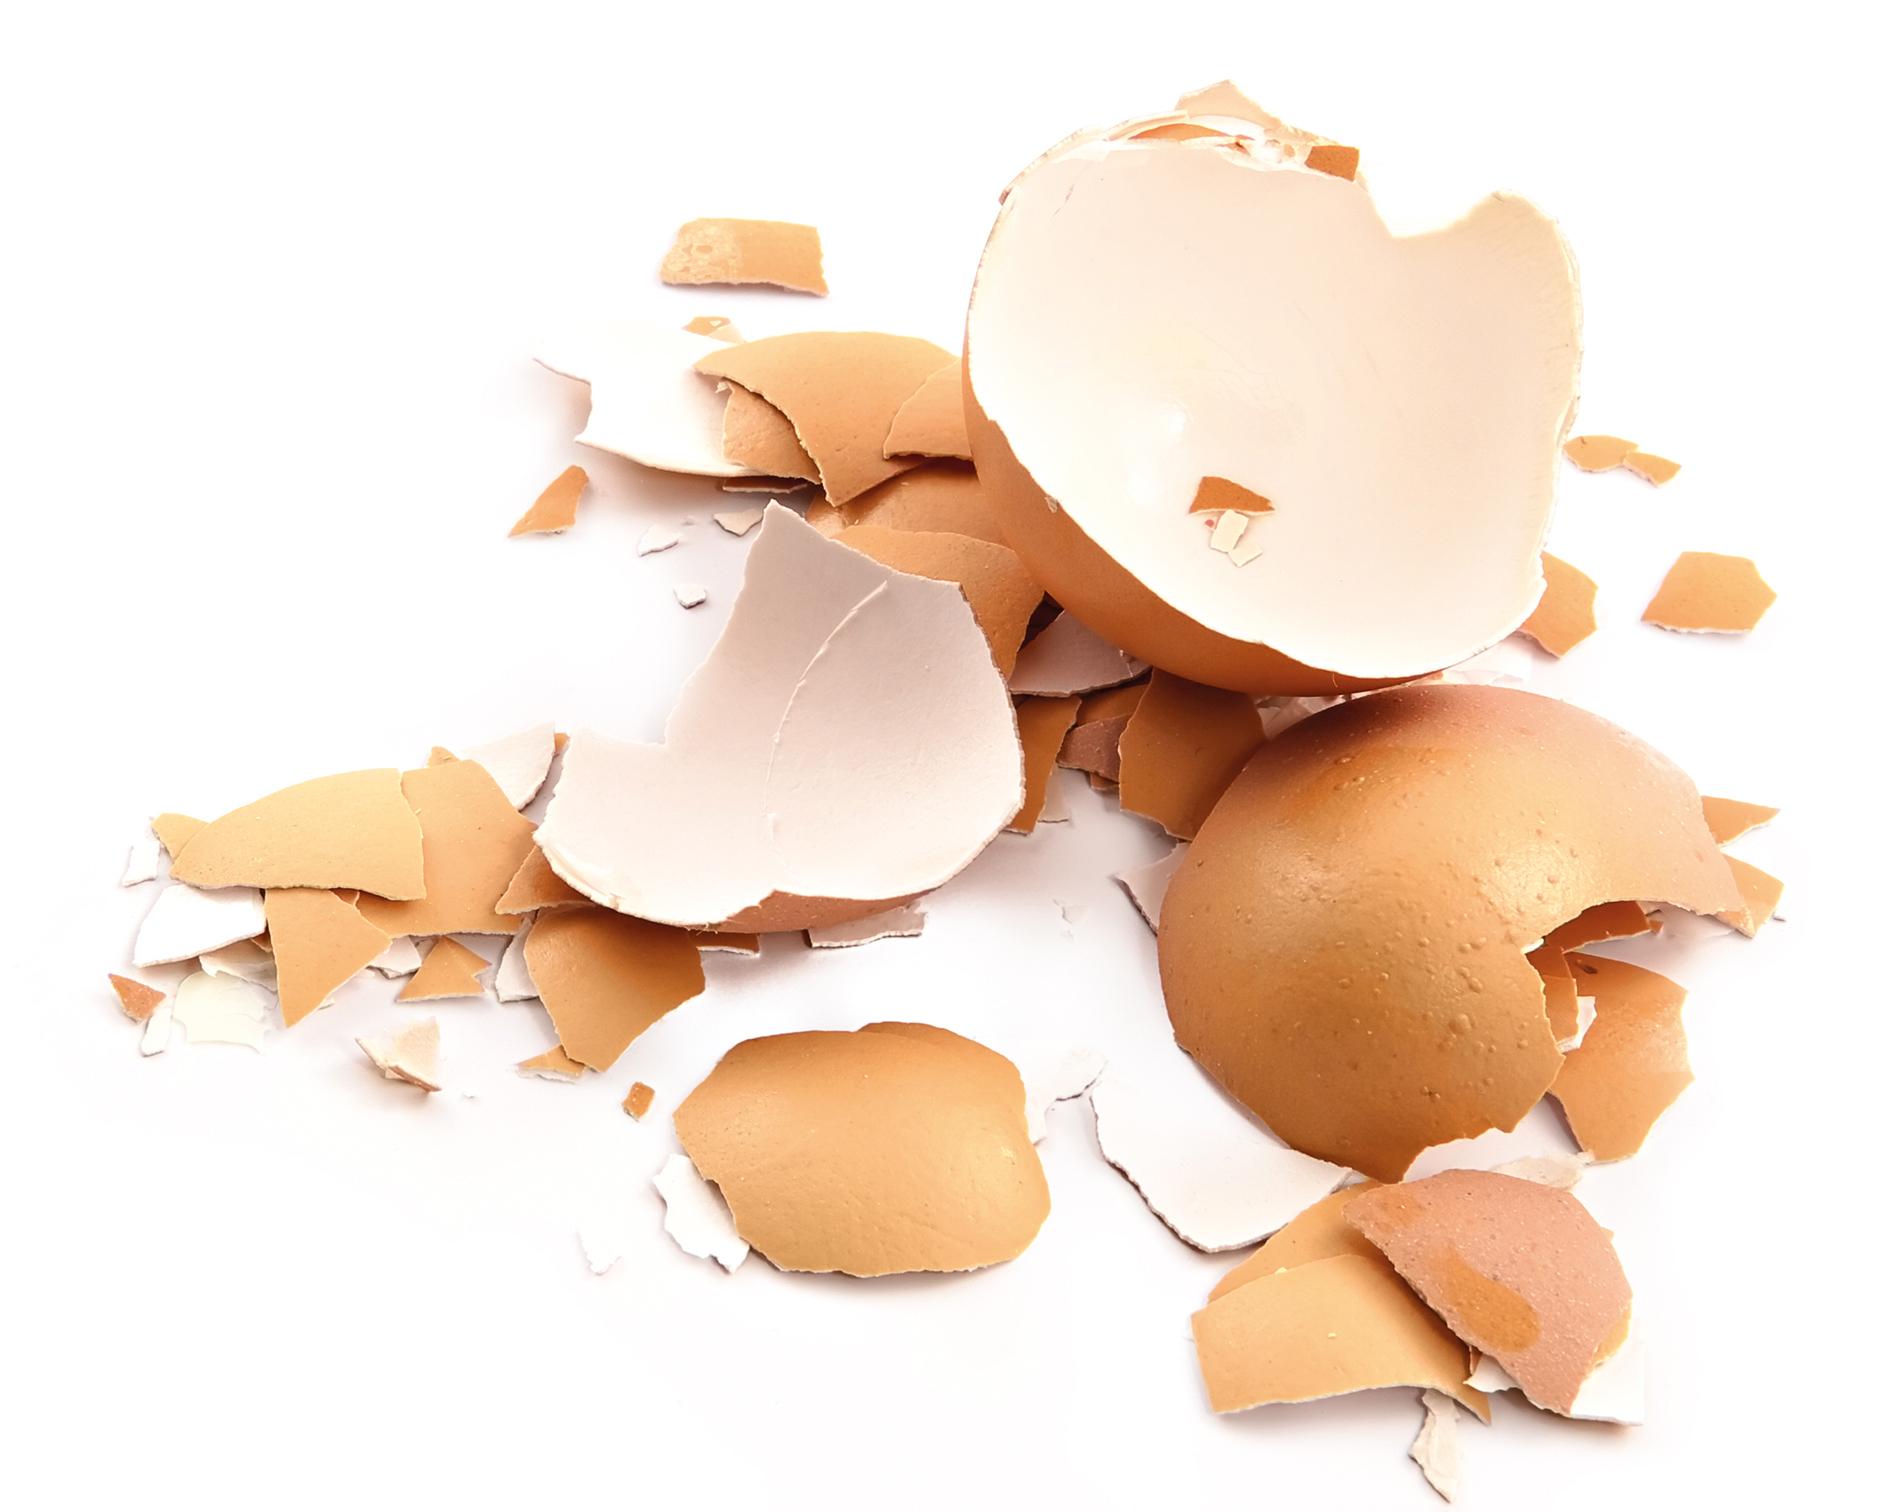 Как измельчить яичную скорлупу в домашних условиях